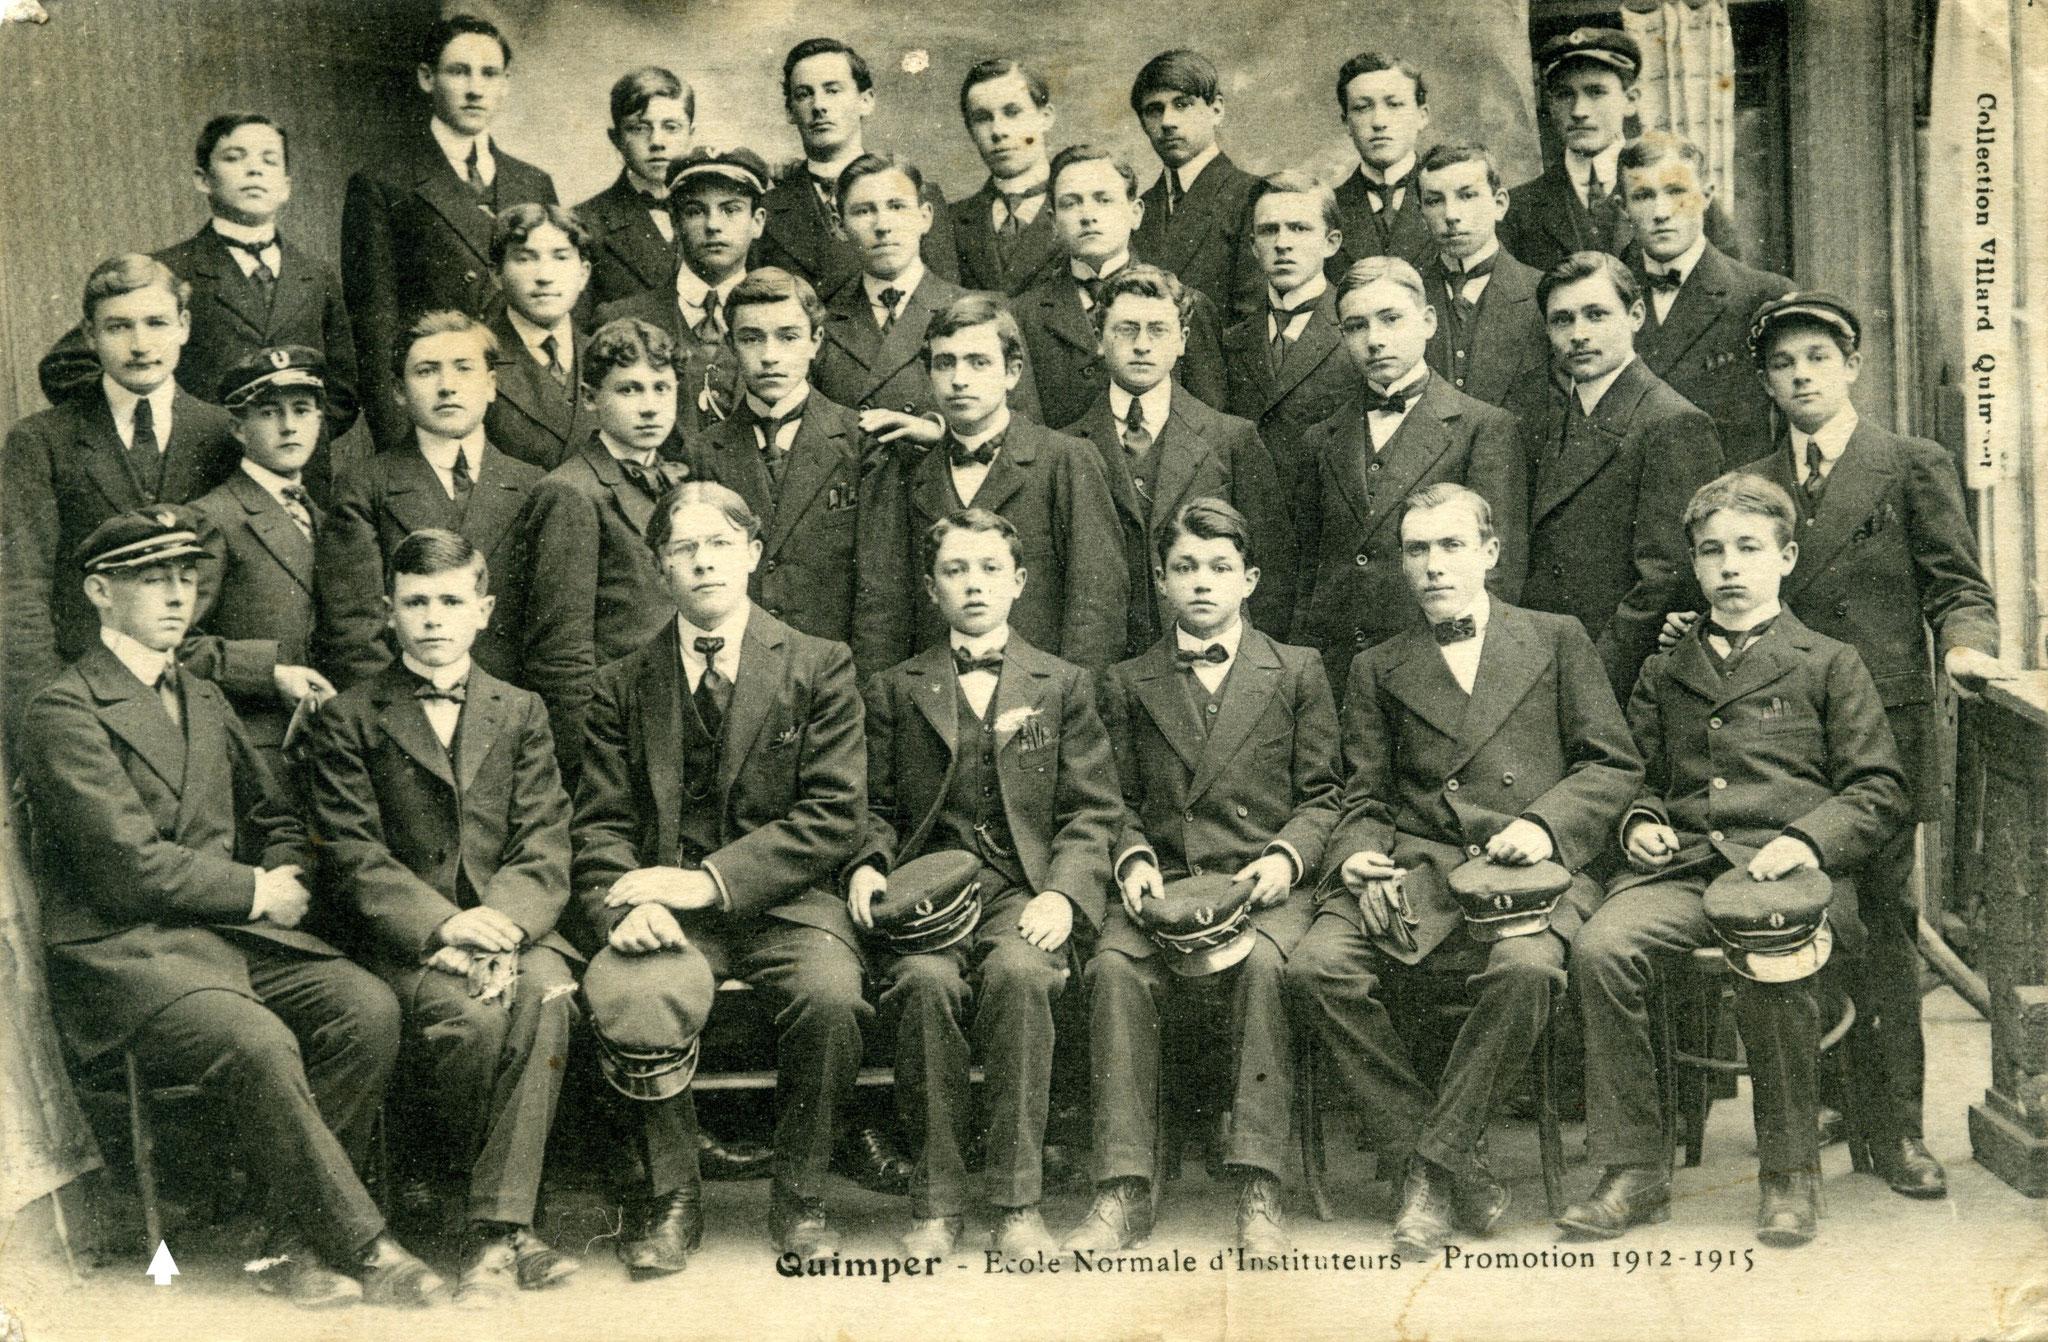 Quimper (Finistère), école normale d'instituteurs, promotion 1912-1915 : assis à gauche Francis COQUIL.